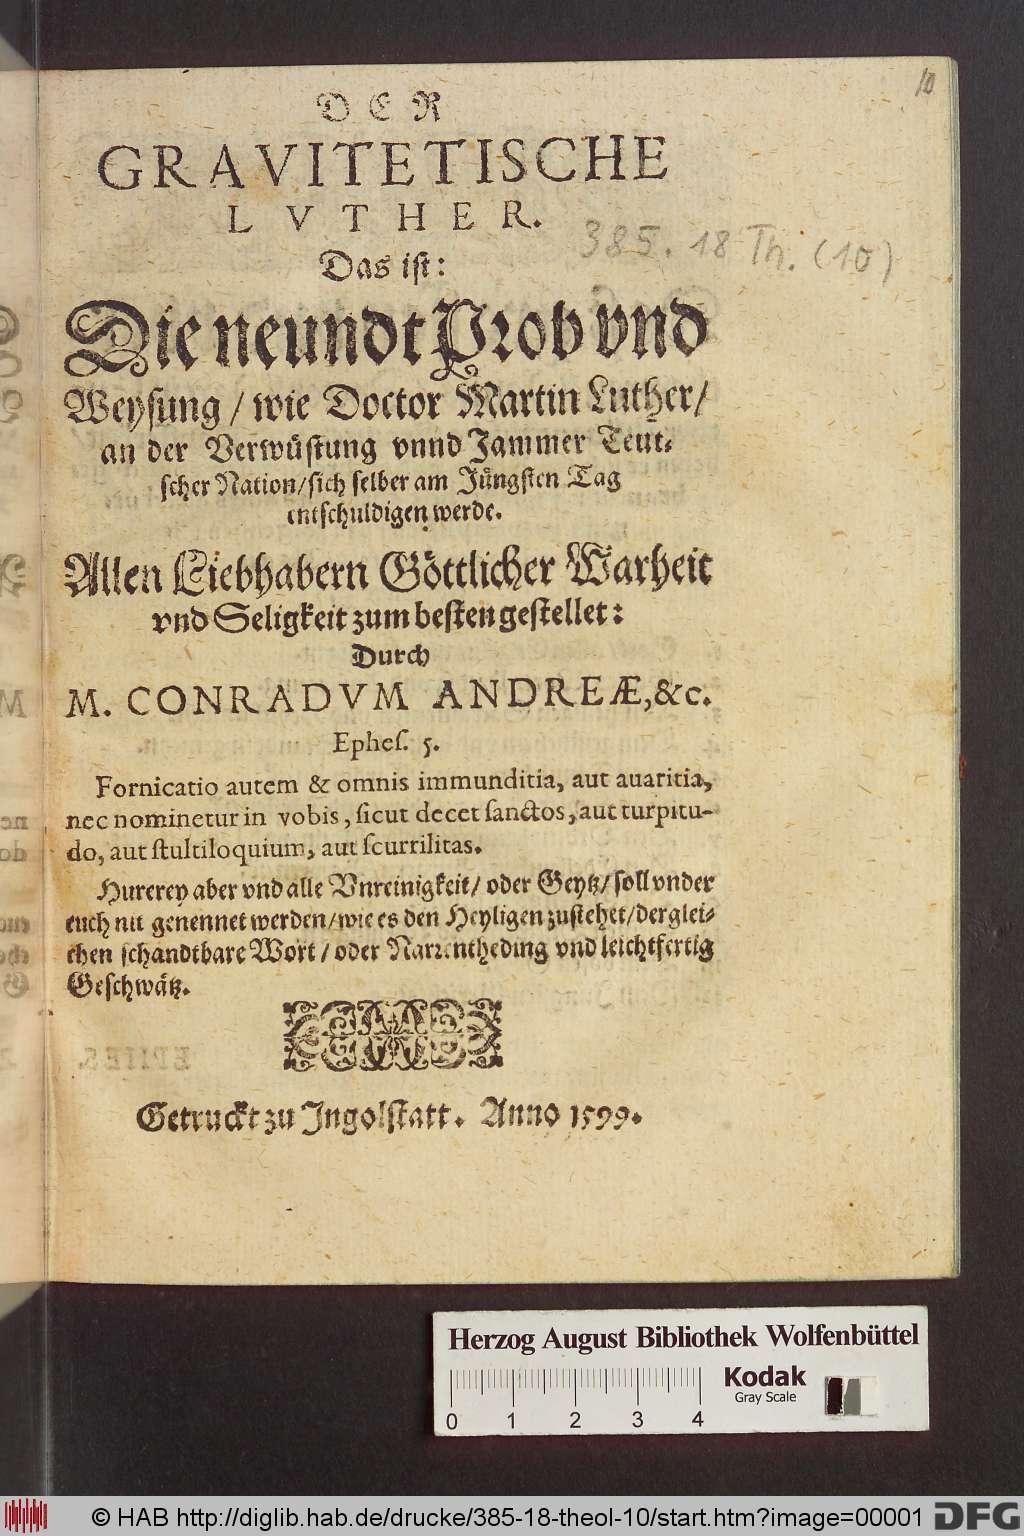 http://diglib.hab.de/drucke/385-18-theol-10/00001.jpg